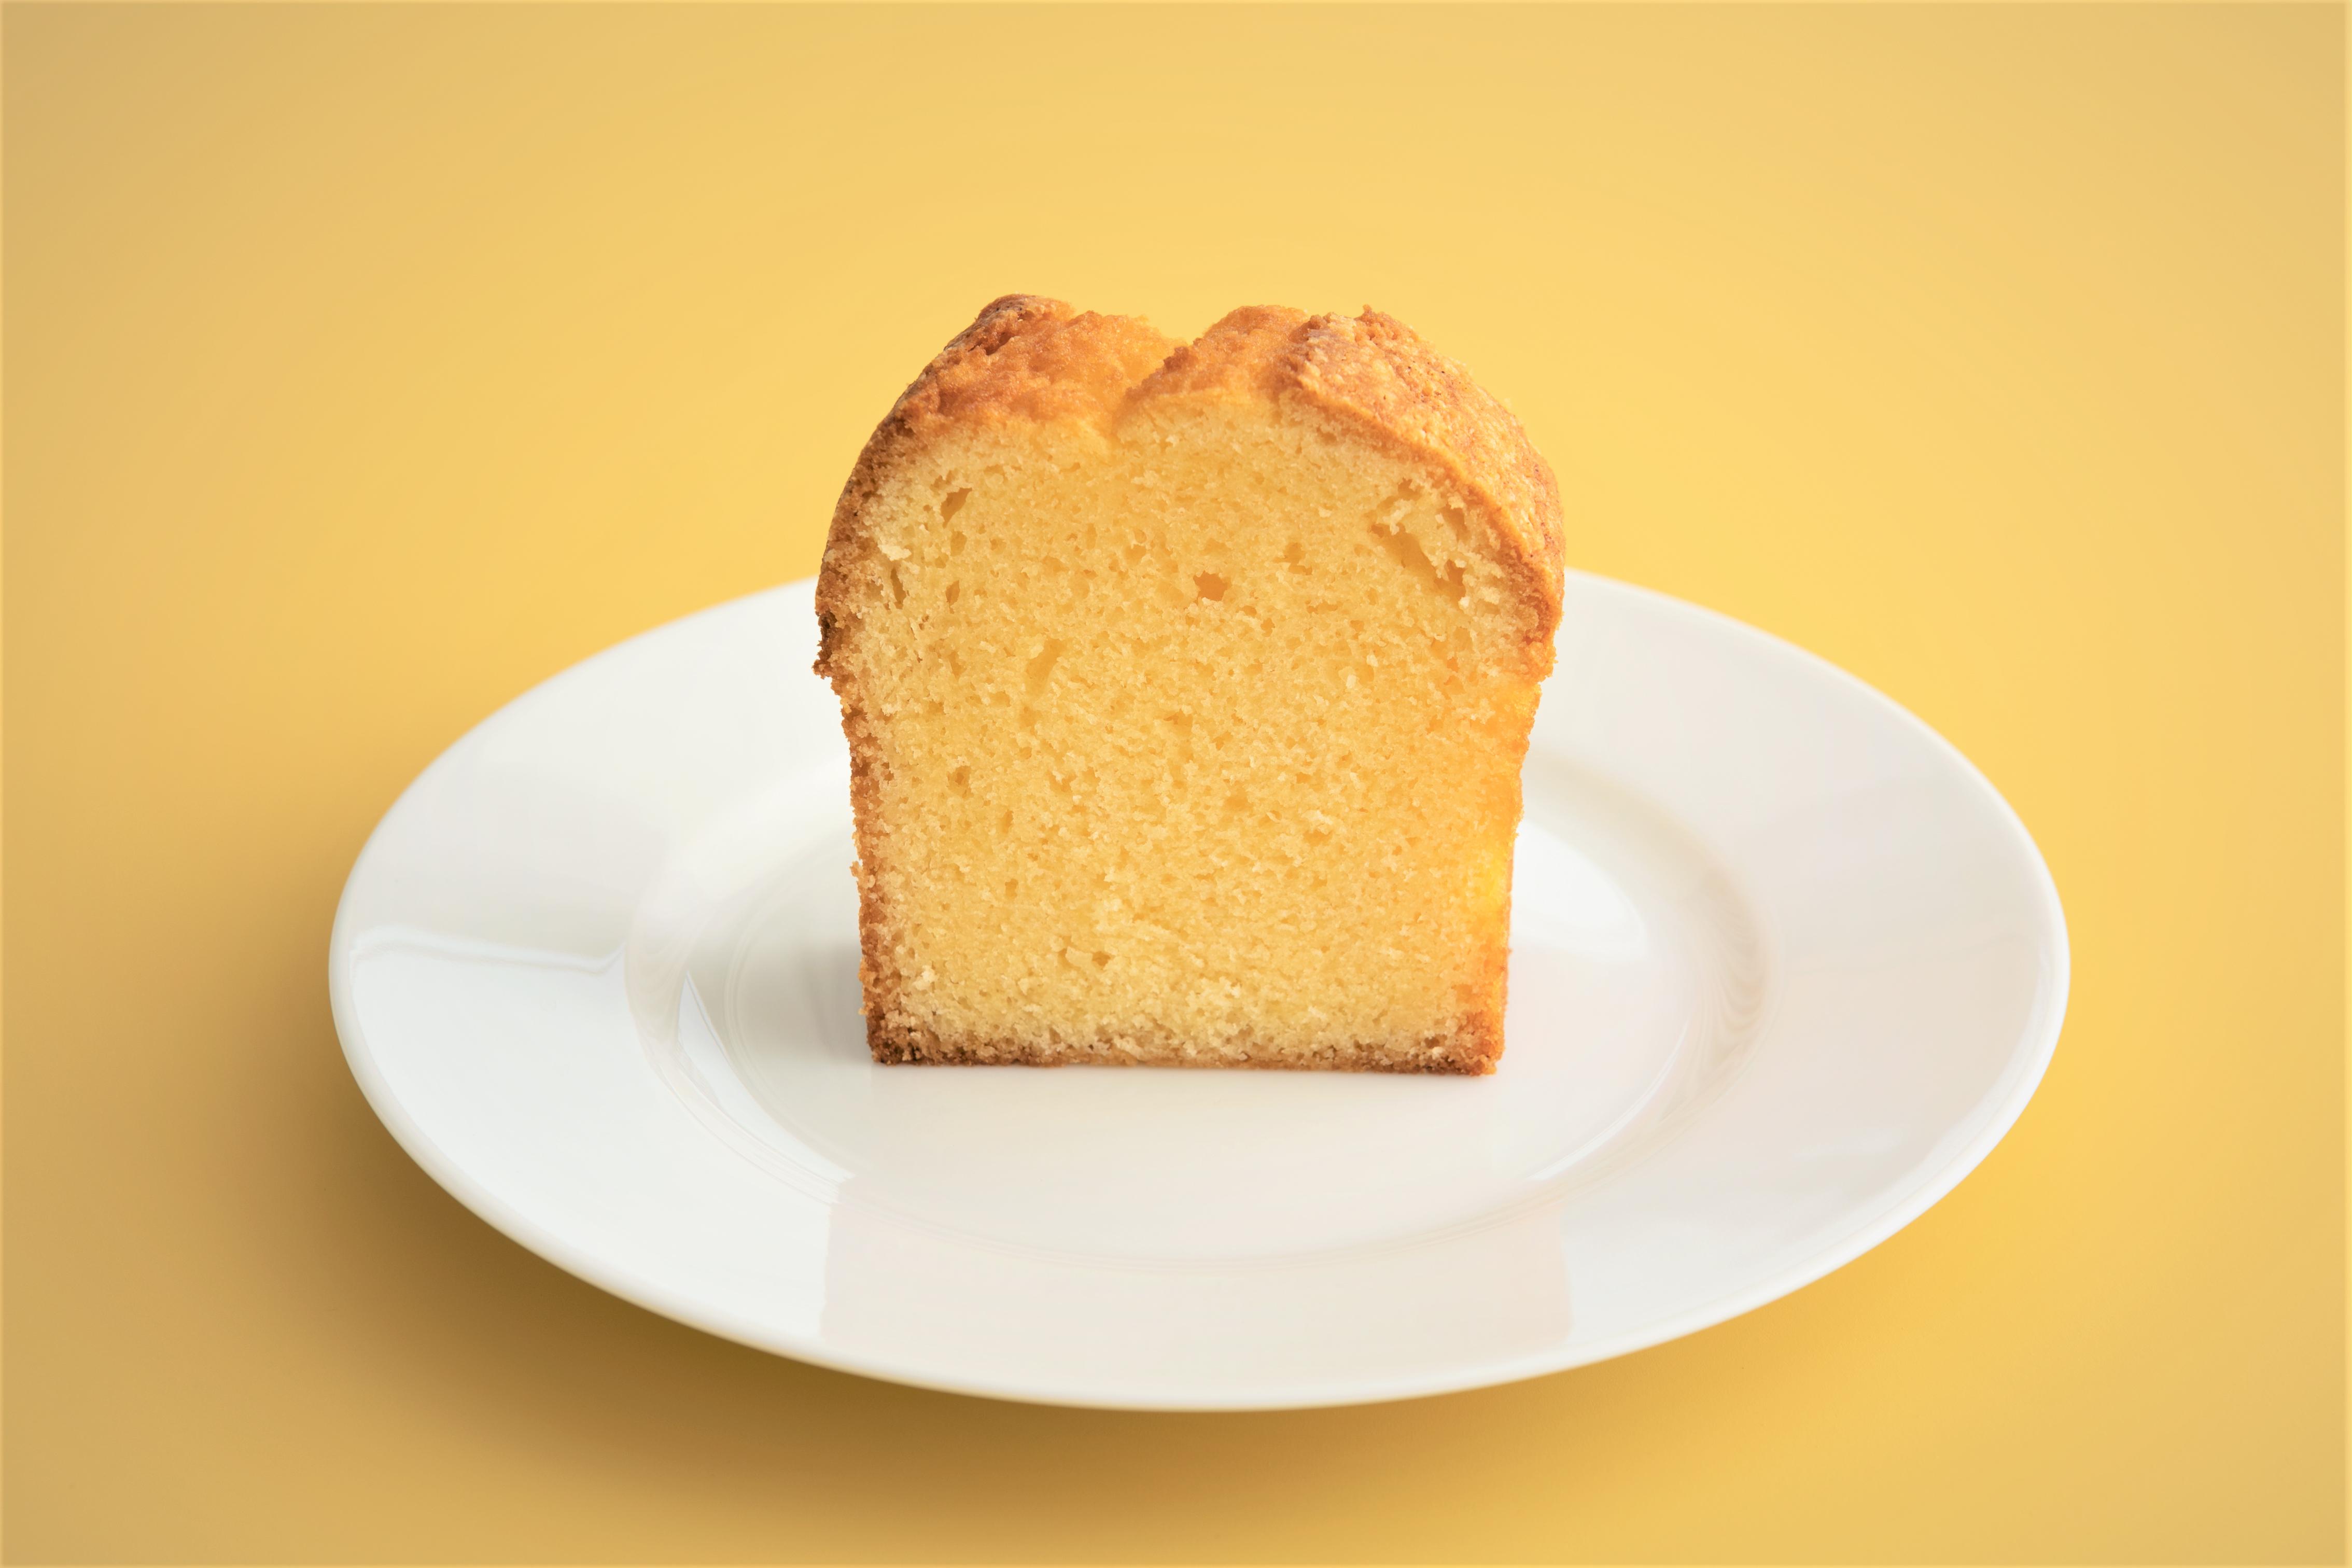 「パウンドケーキ」紙面